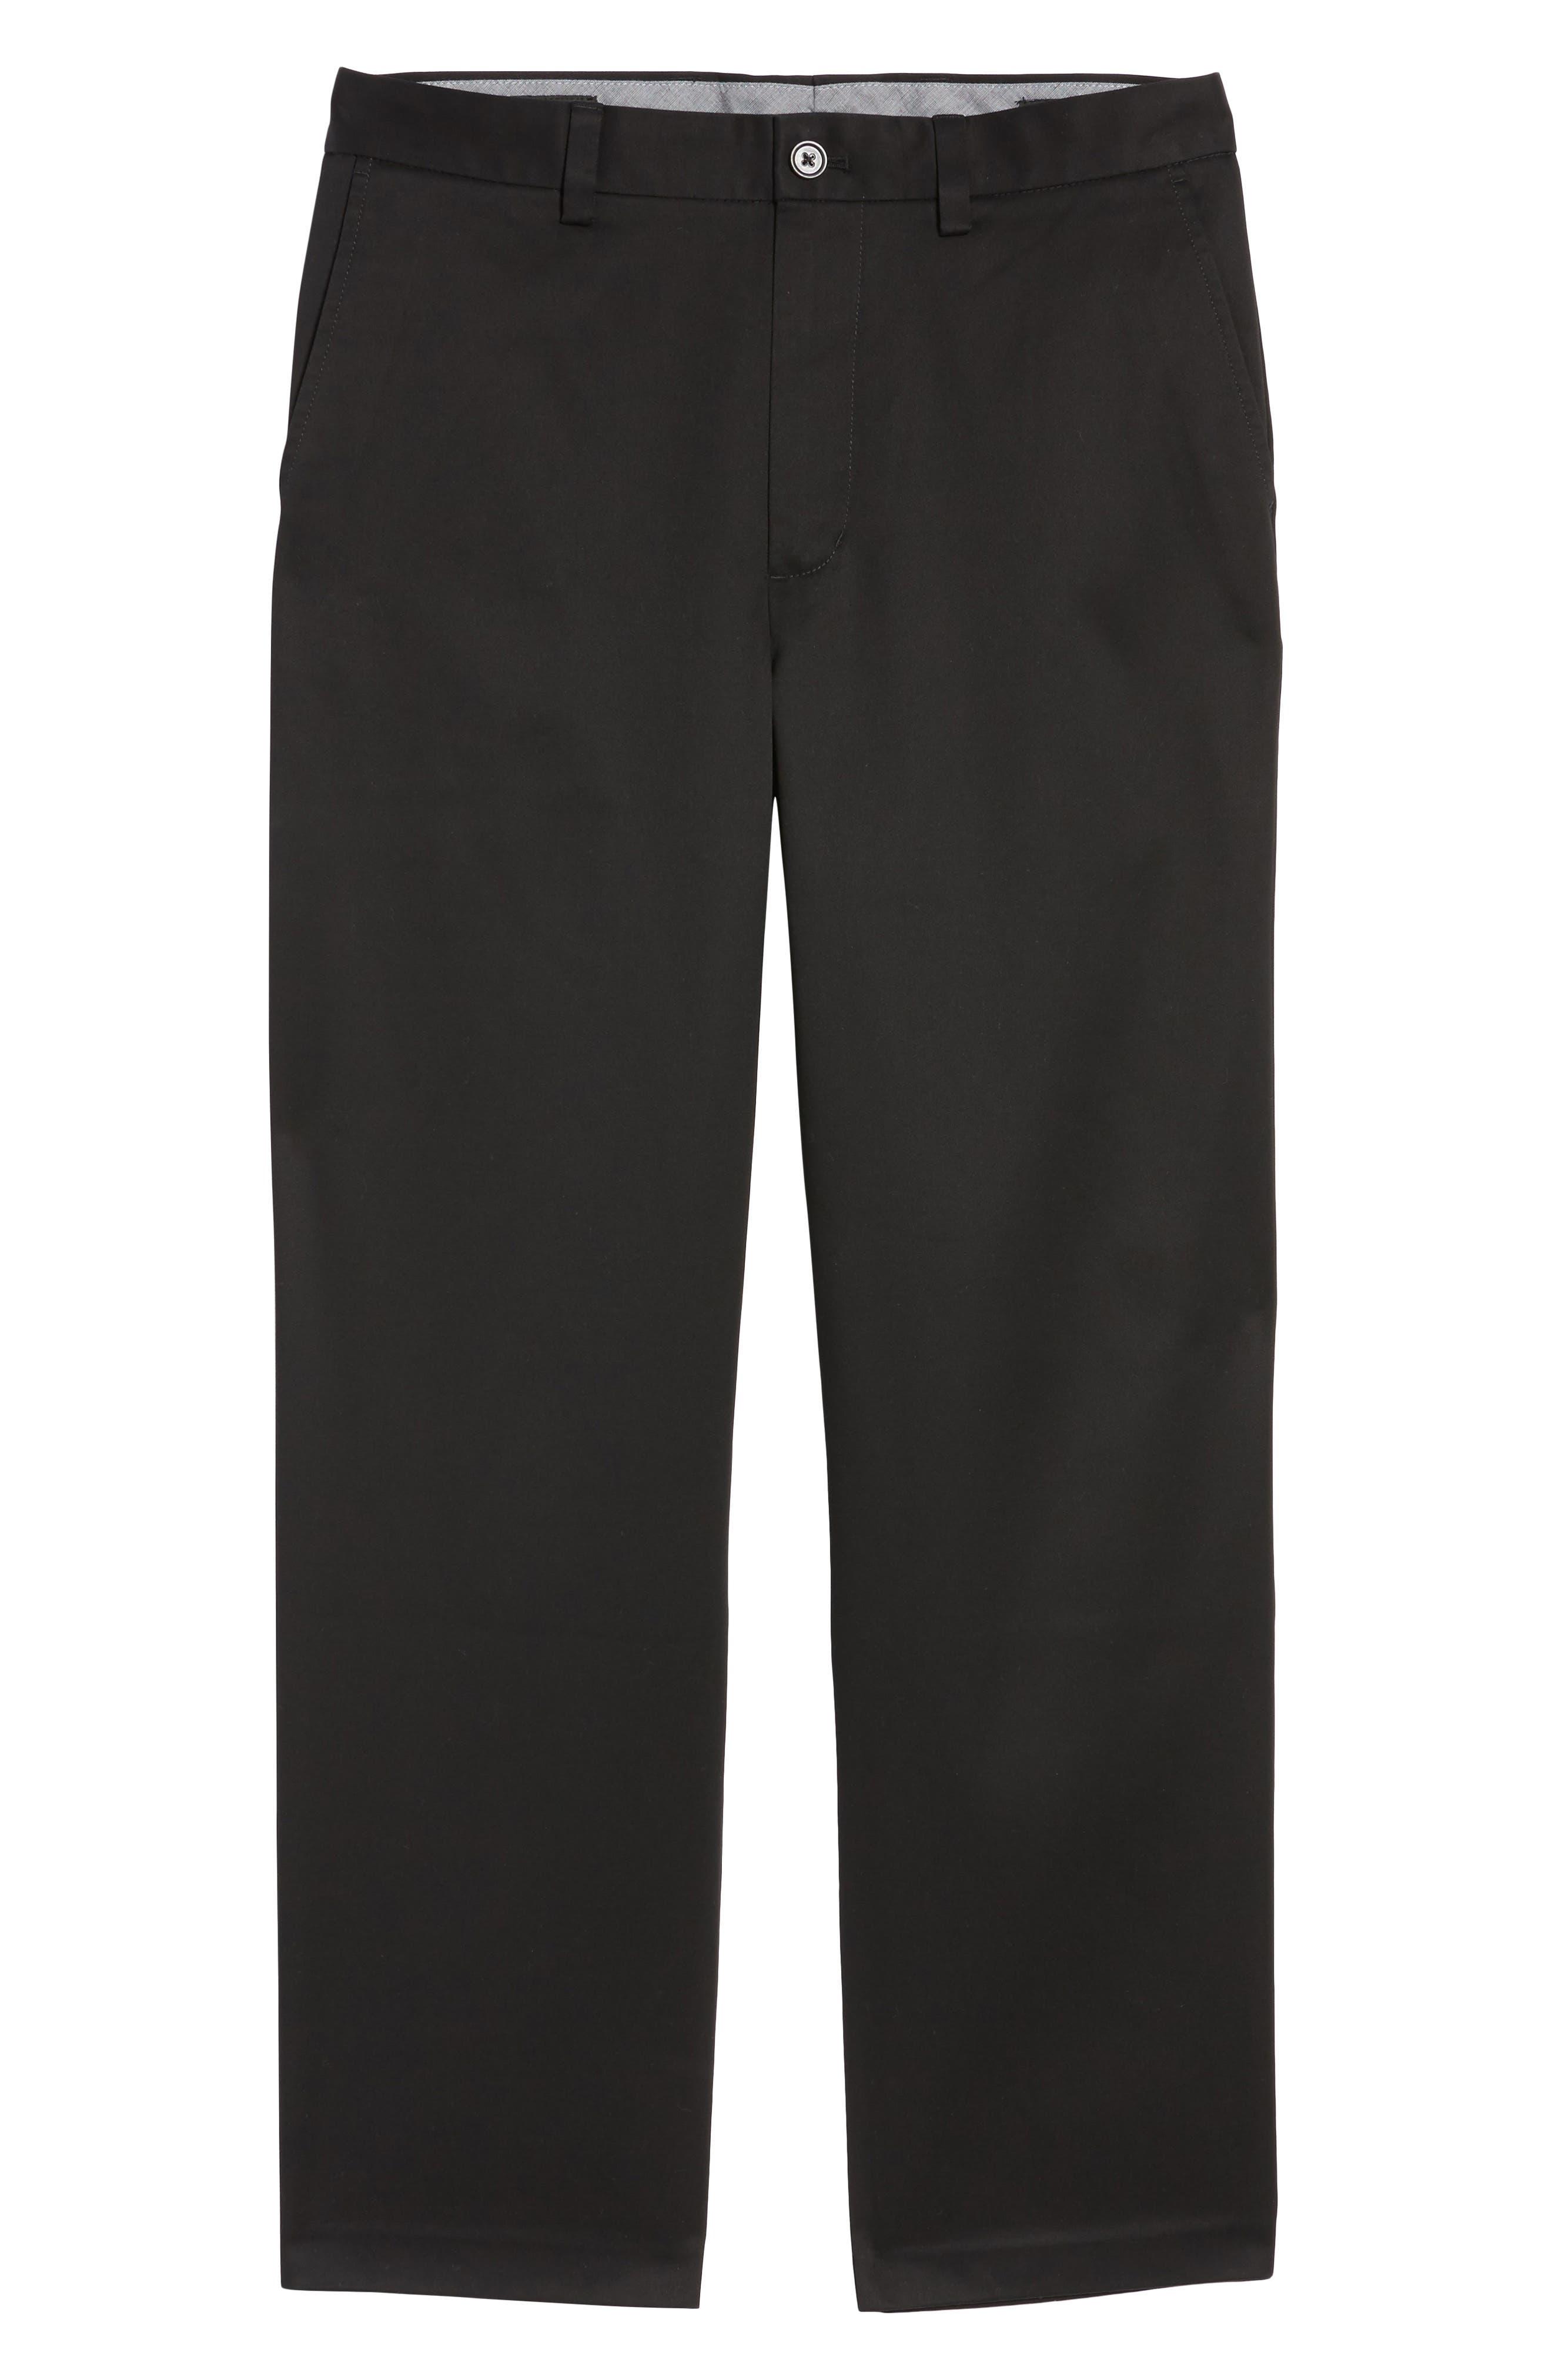 NORDSTROM MEN'S SHOP 'Classic' Smartcare<sup>™</sup> Relaxed Fit Flat Front Cotton Pants, Main, color, BLACK